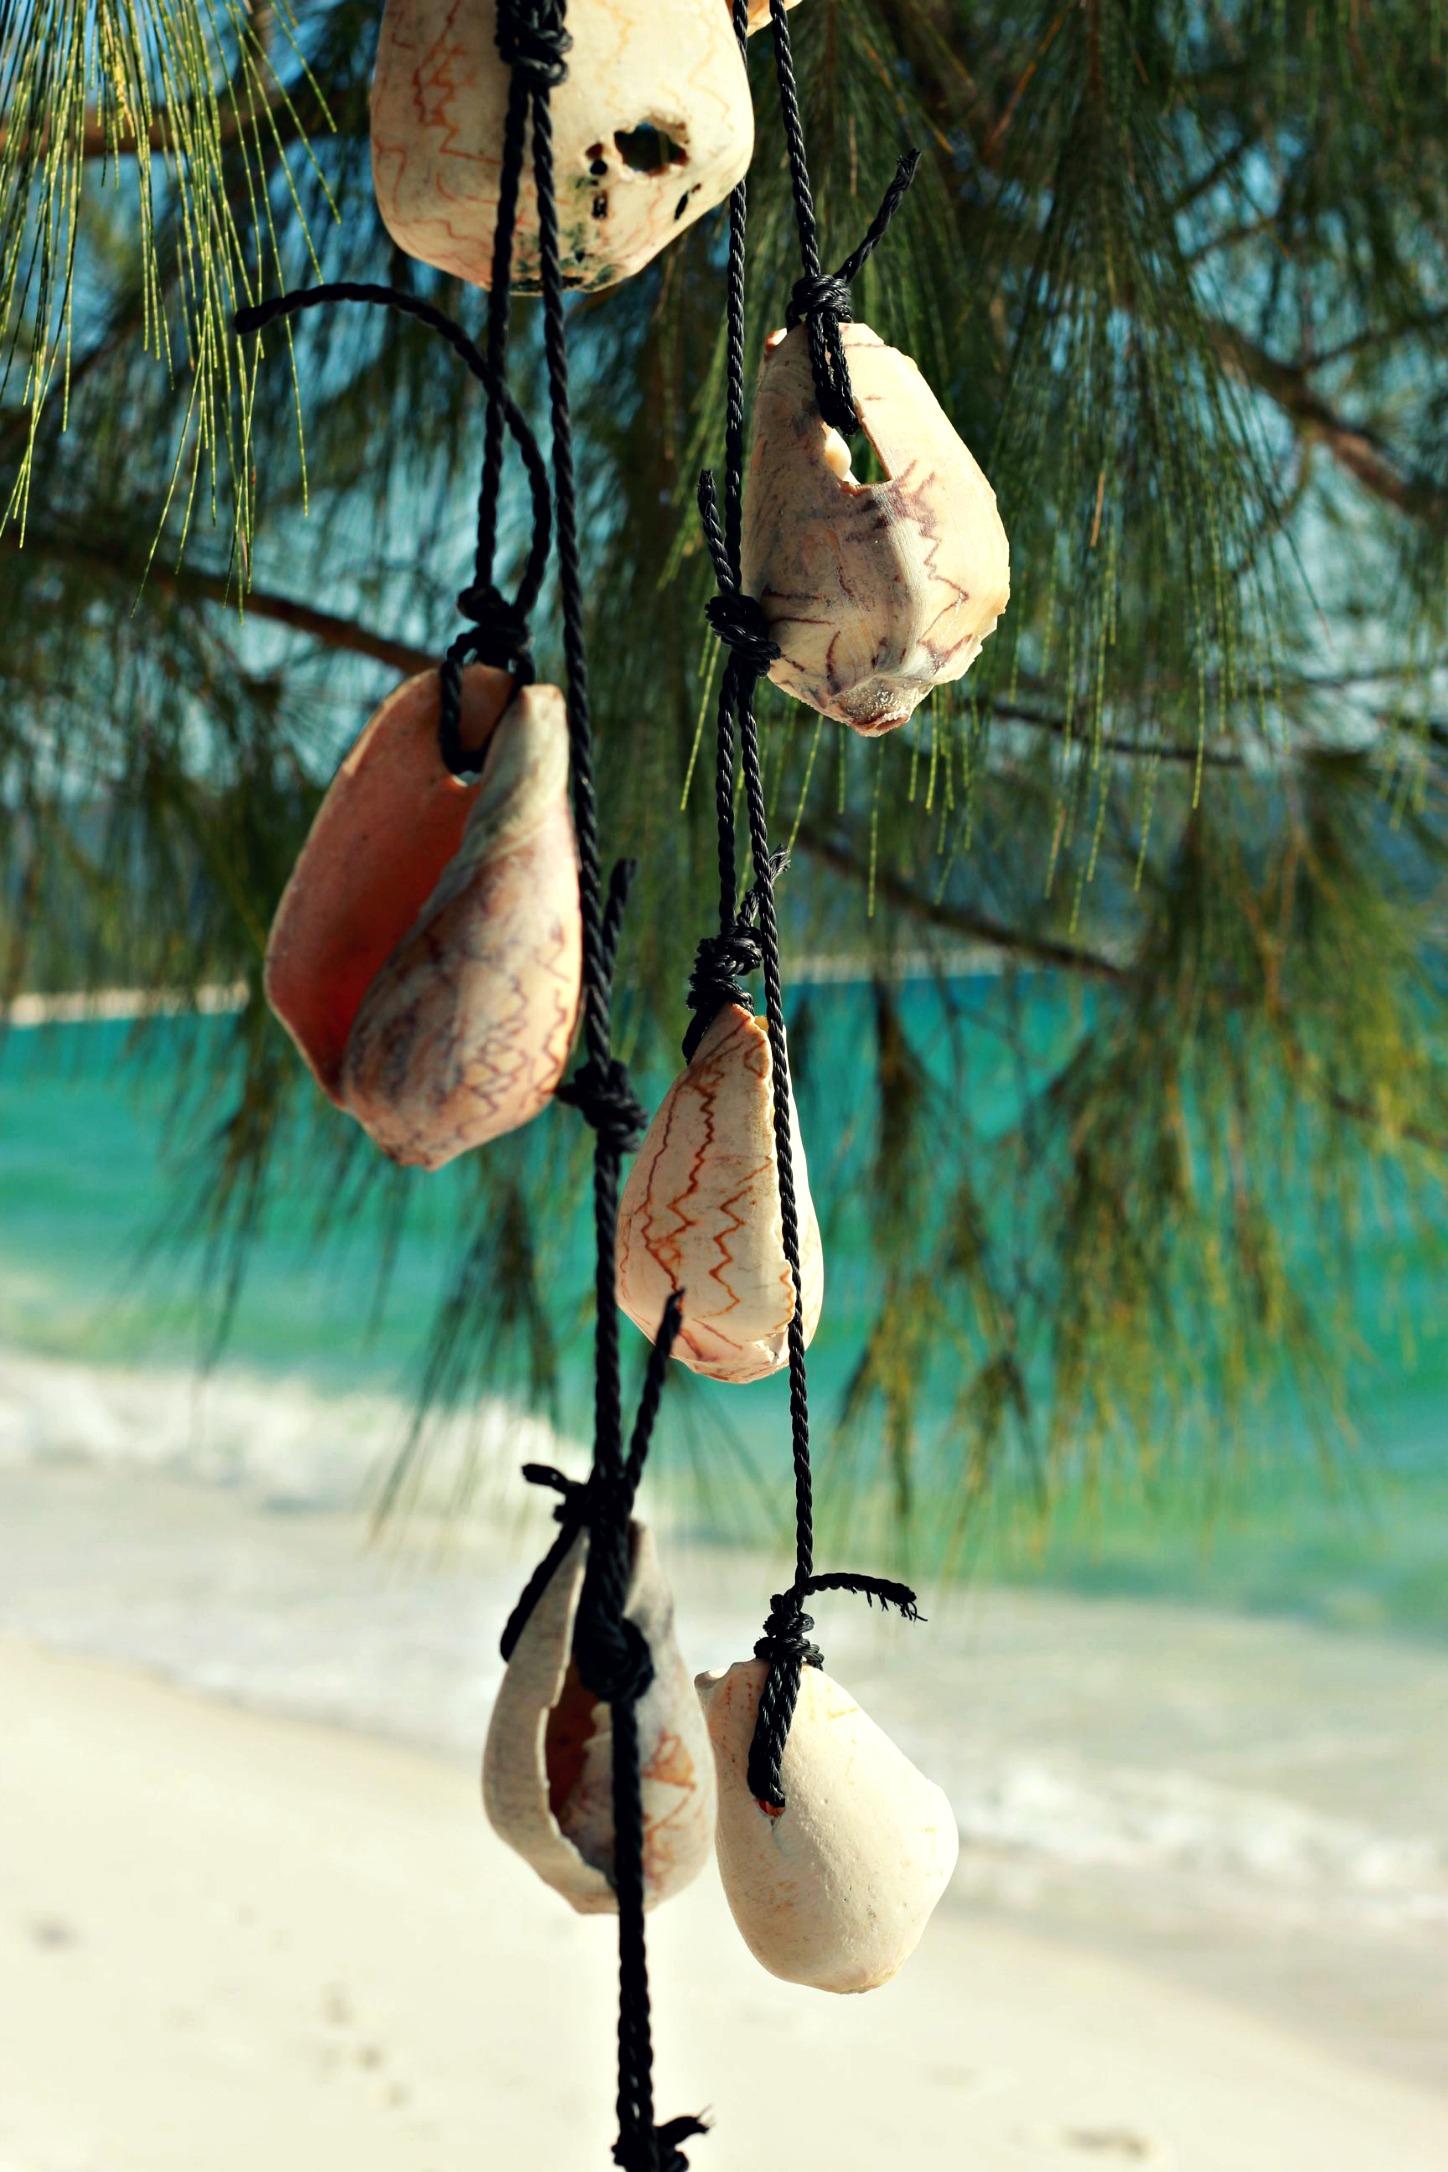 Muschelkette am Strand